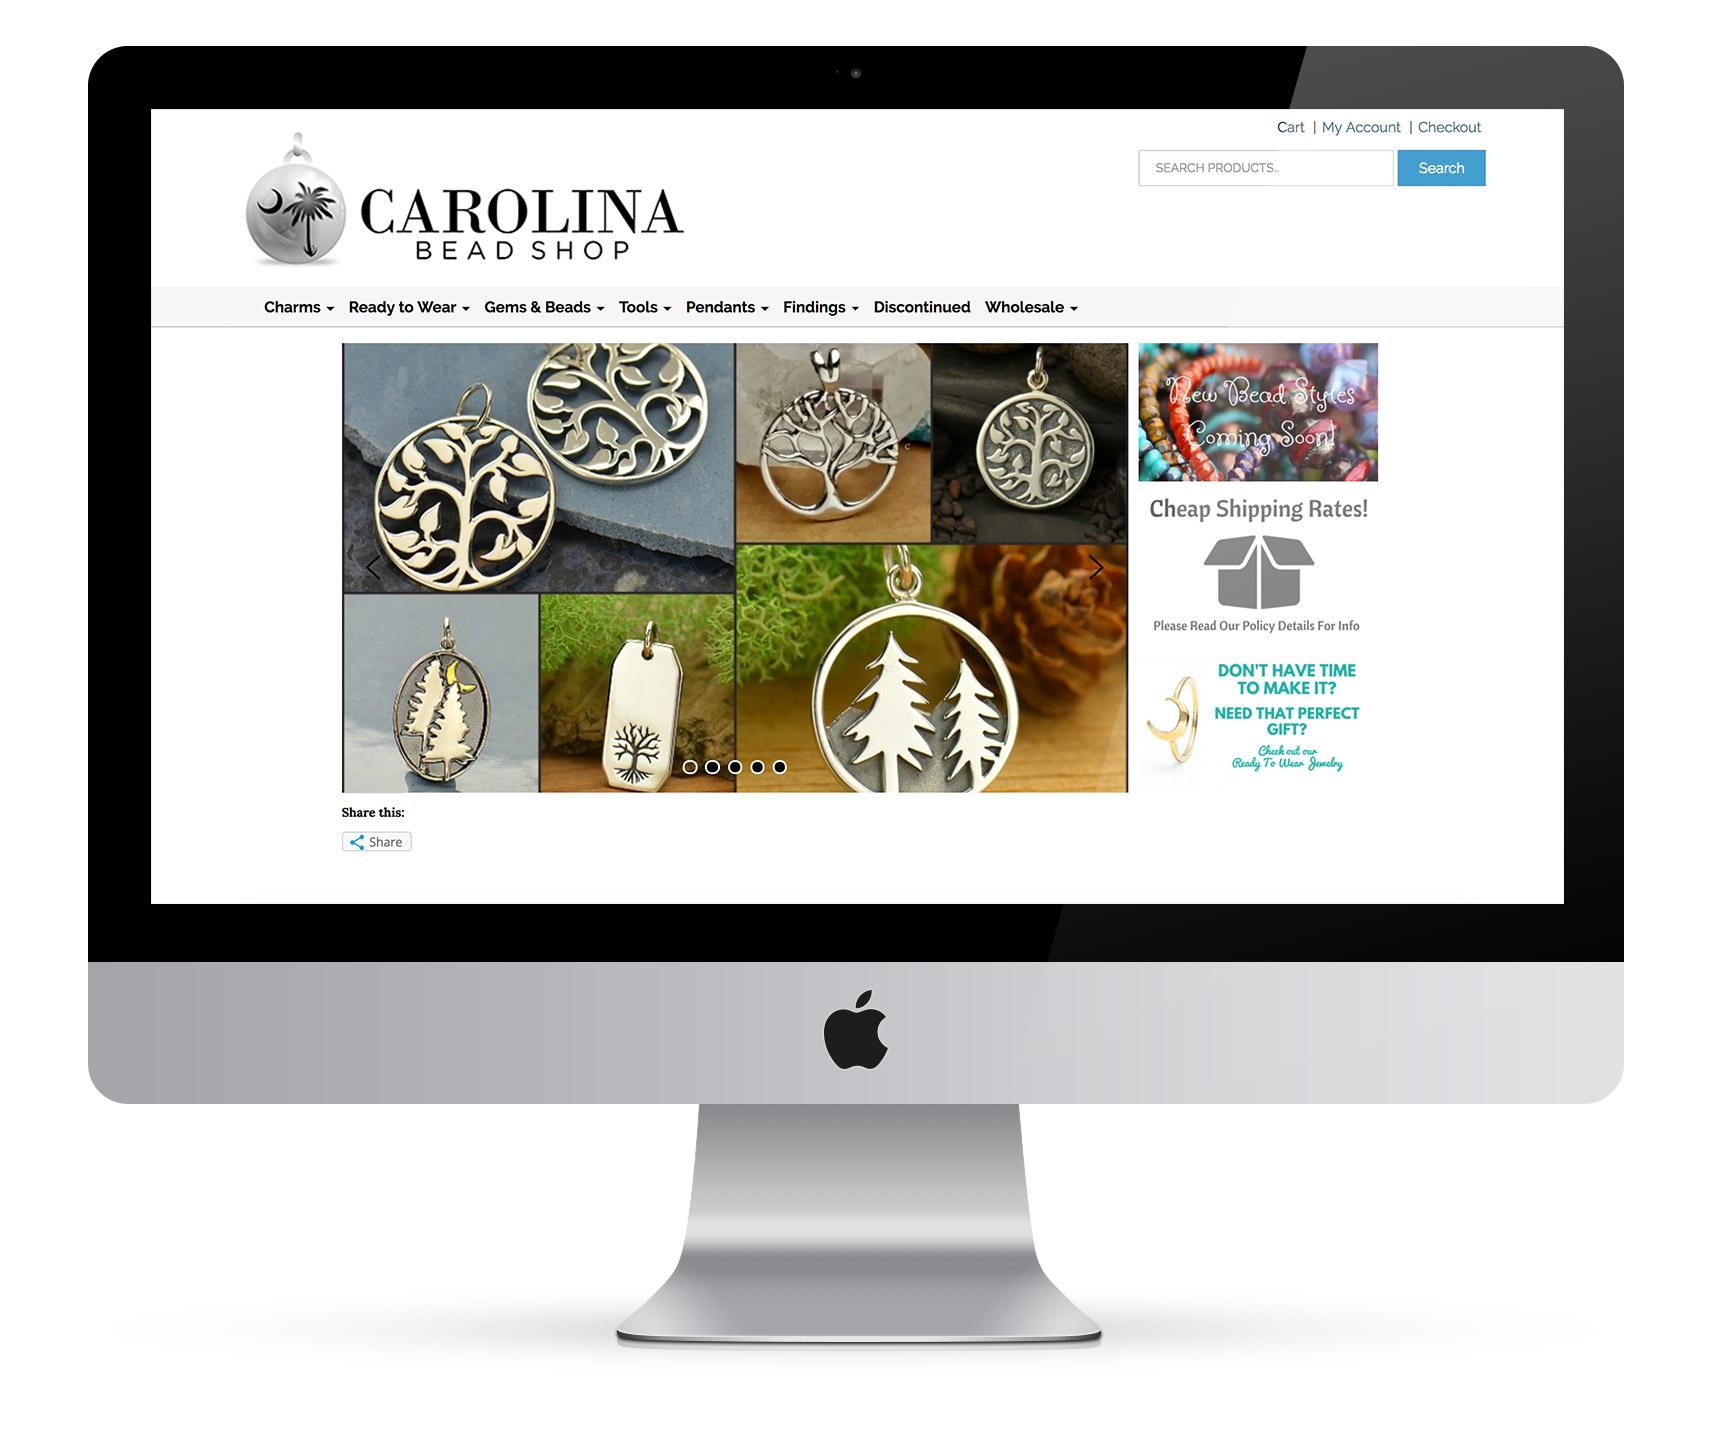 Carolina Beads Etsy to WooCommerce Conversion